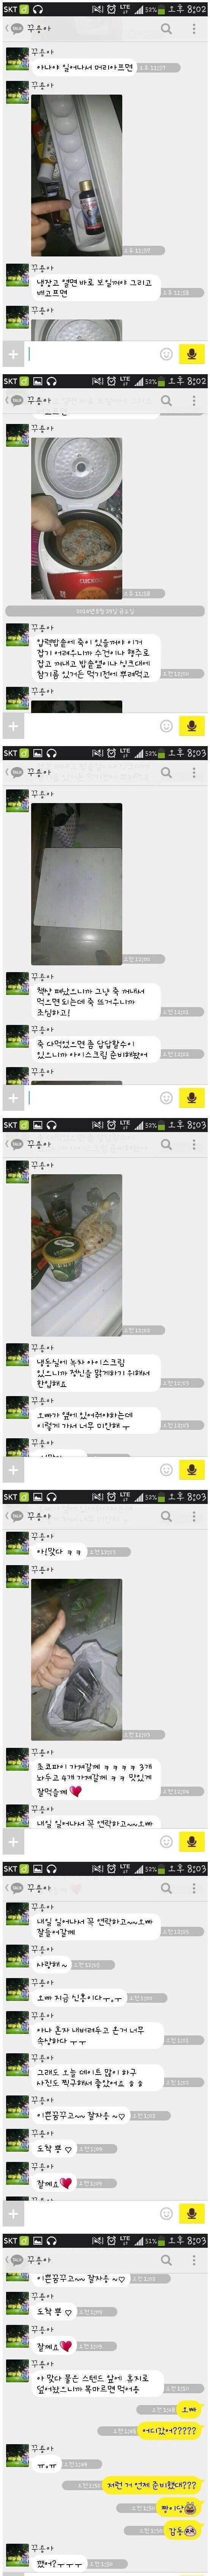 술취한 여친을 자취방에 데려다준 남자친구.jpg | 인스티즈